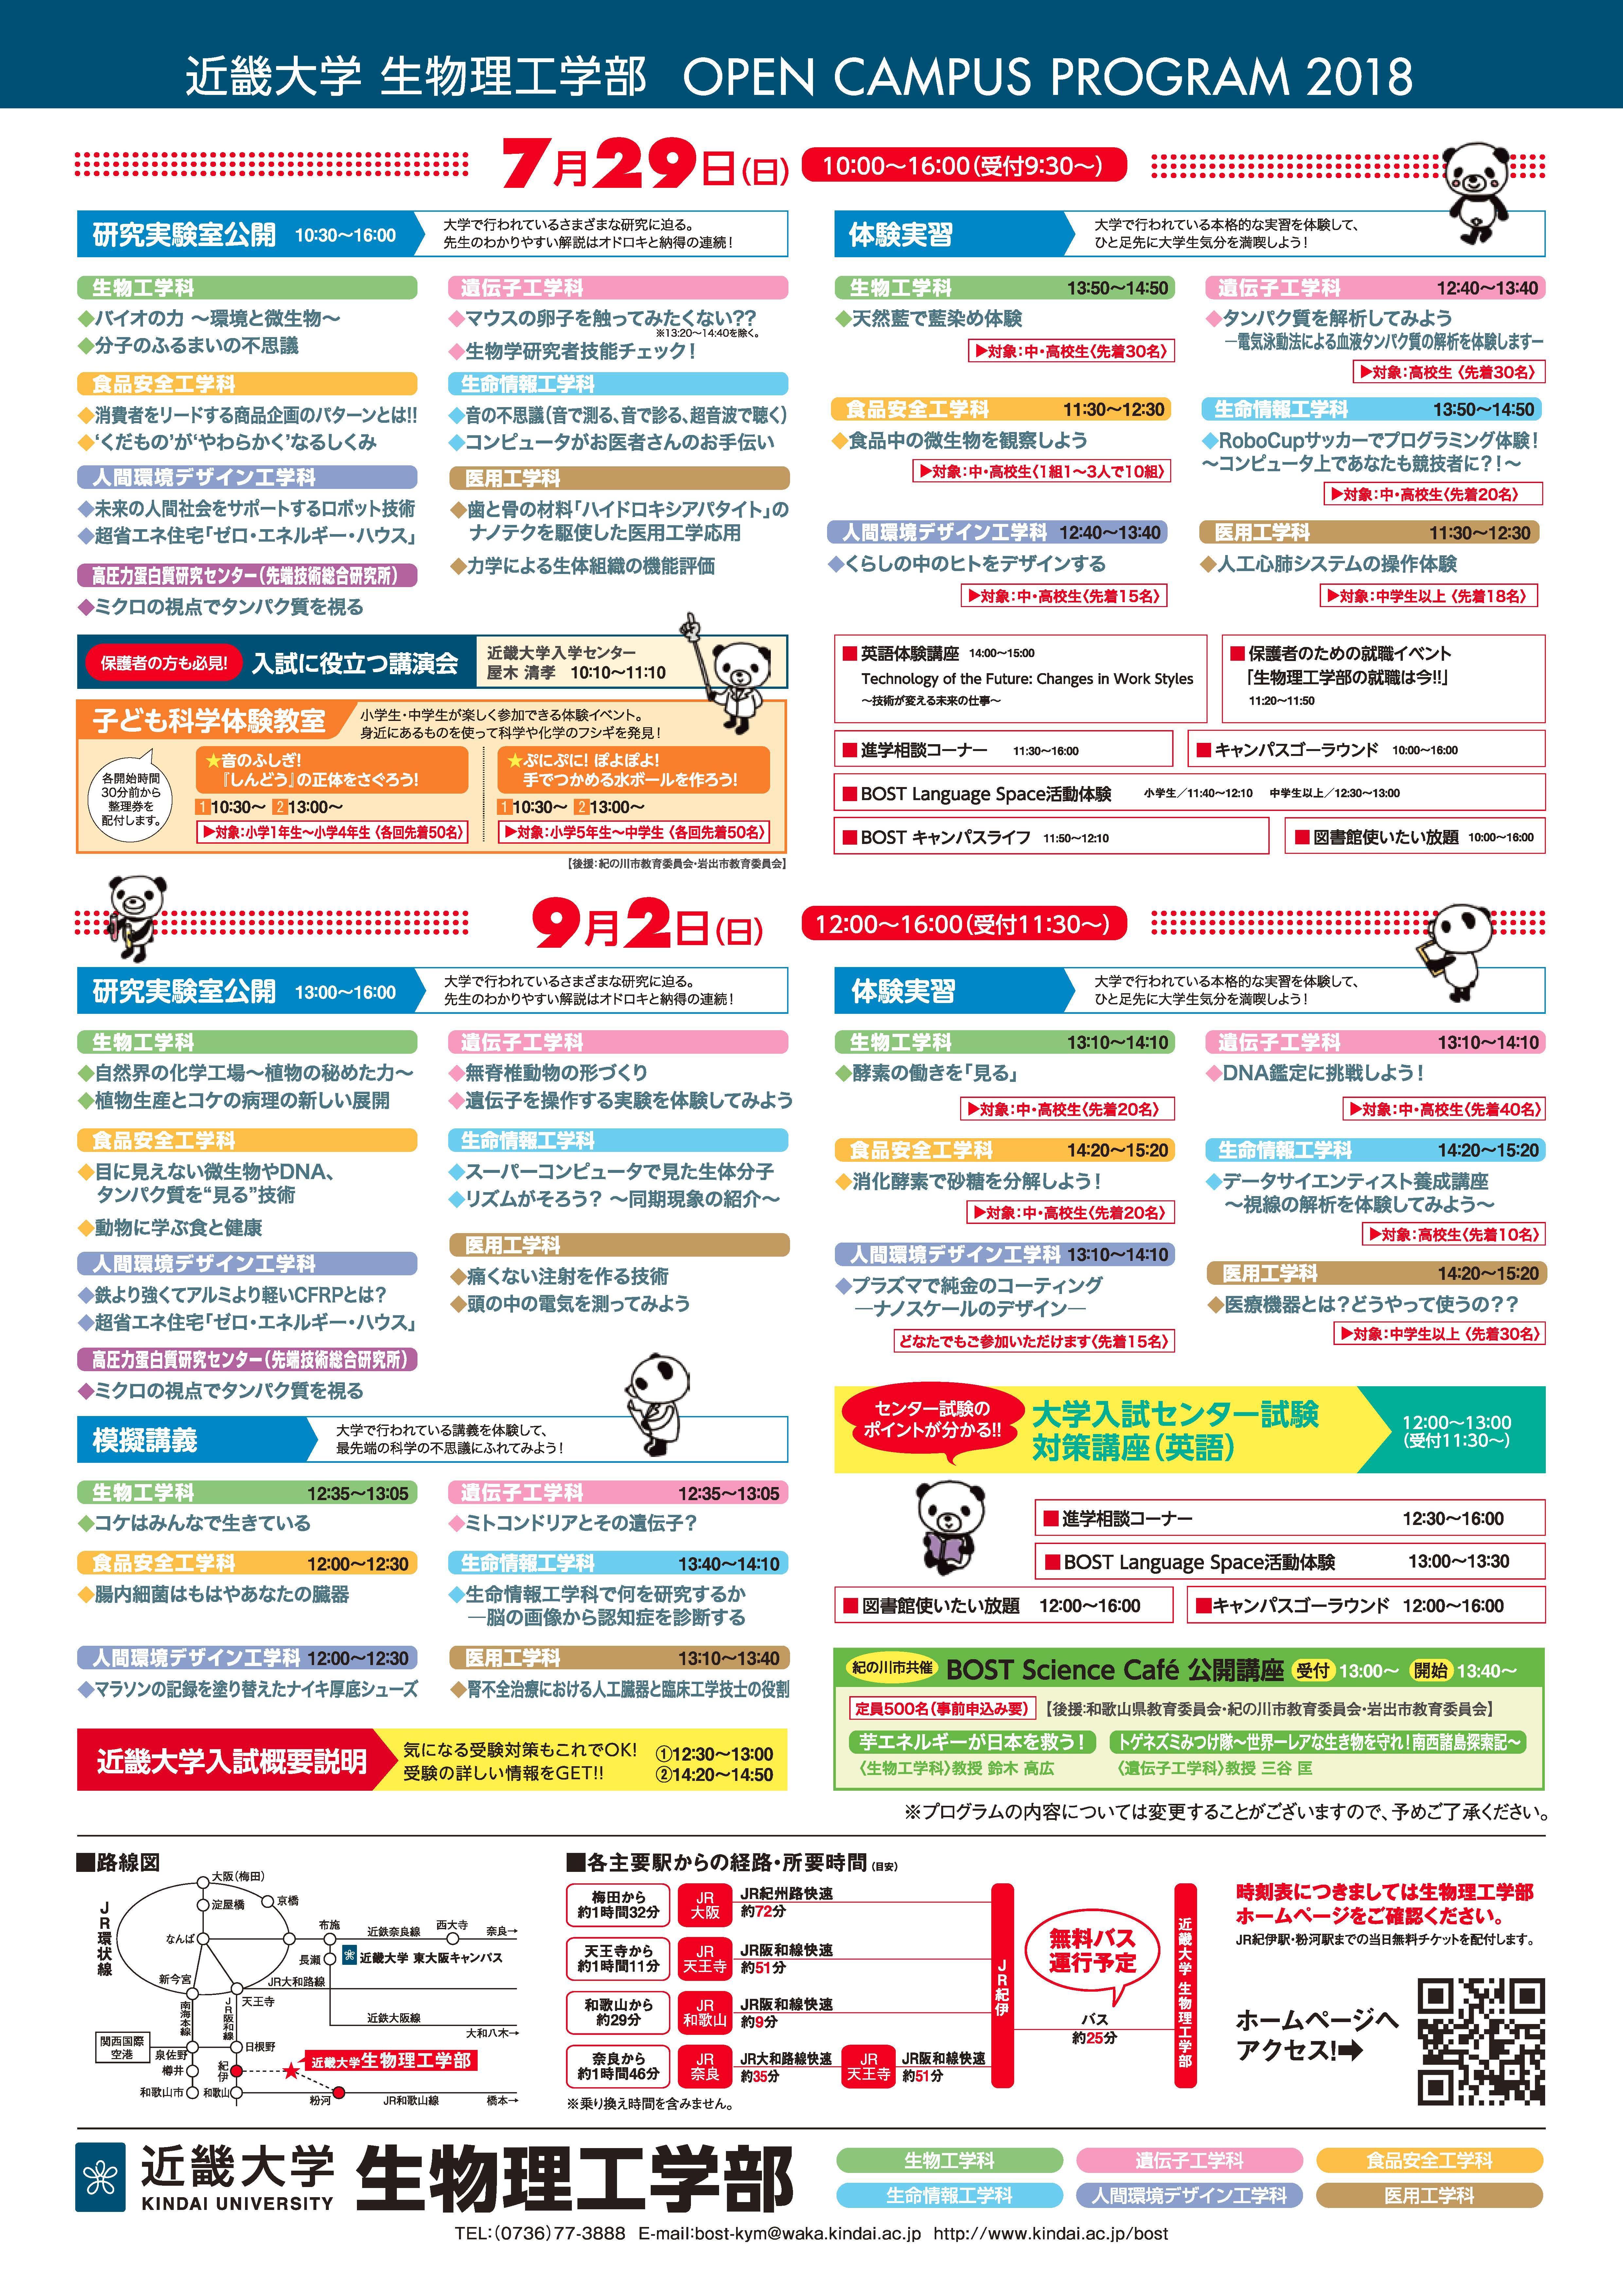 生物理工学部OC2018 チラシ(裏).jpg